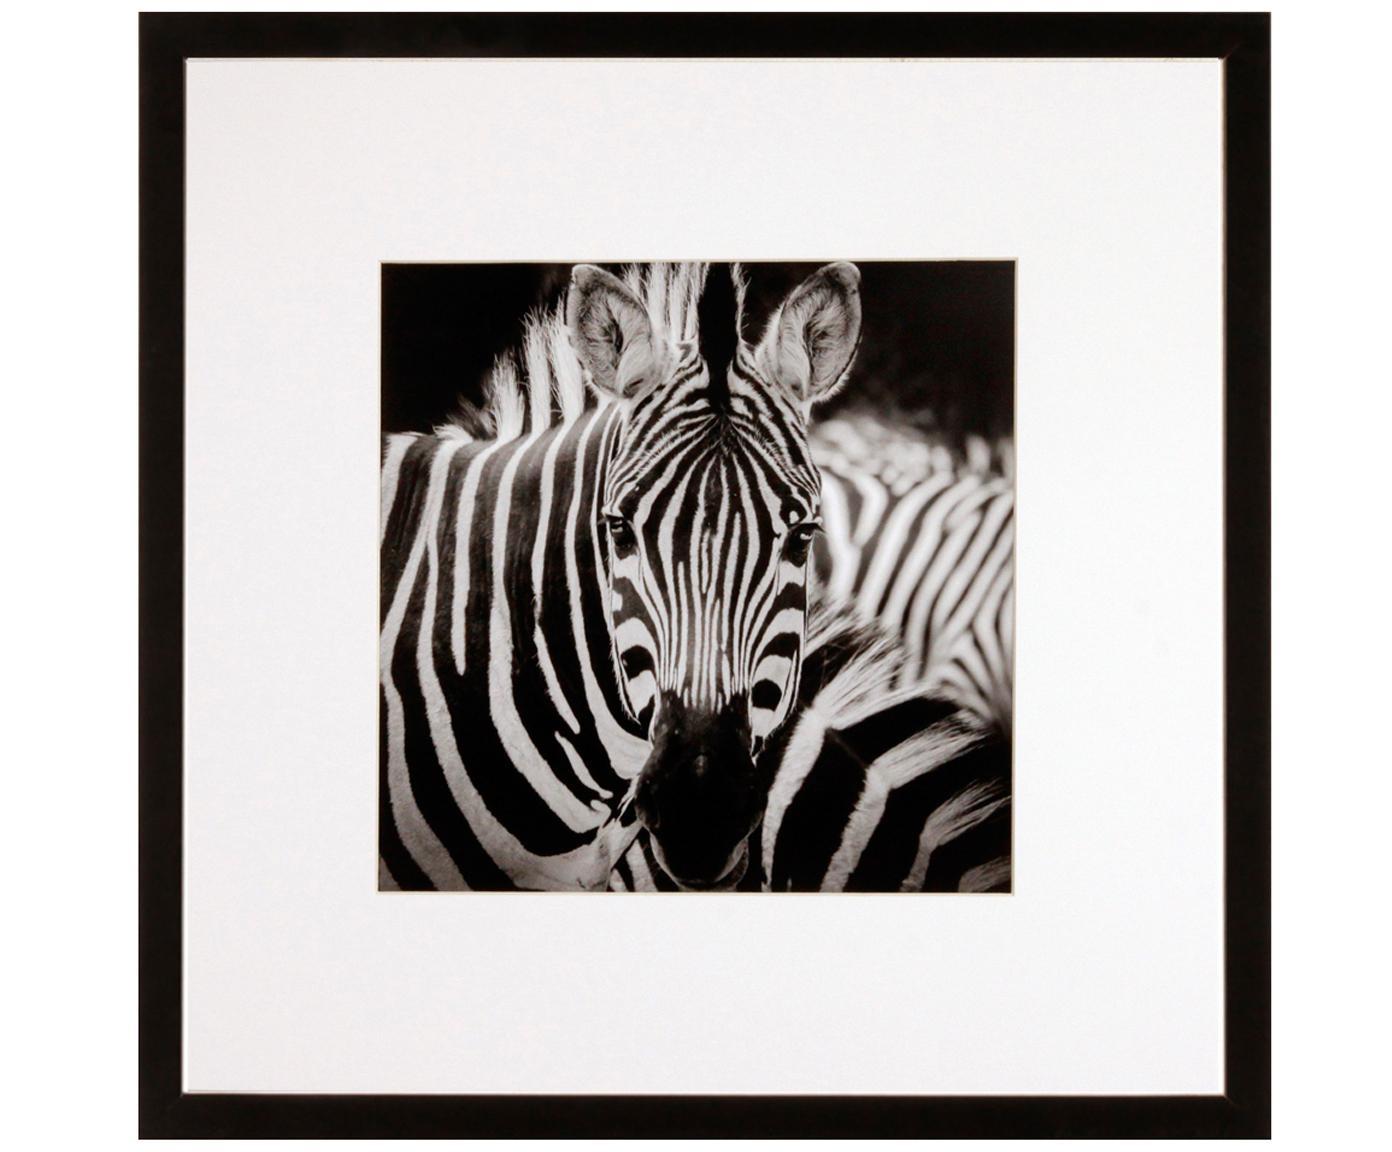 Stampa digitale incorniciata Zebra, Immagine: stampa digitale, Cornice: telaio in materiale sinte, Nero, bianco, L 40 x A 40 cm